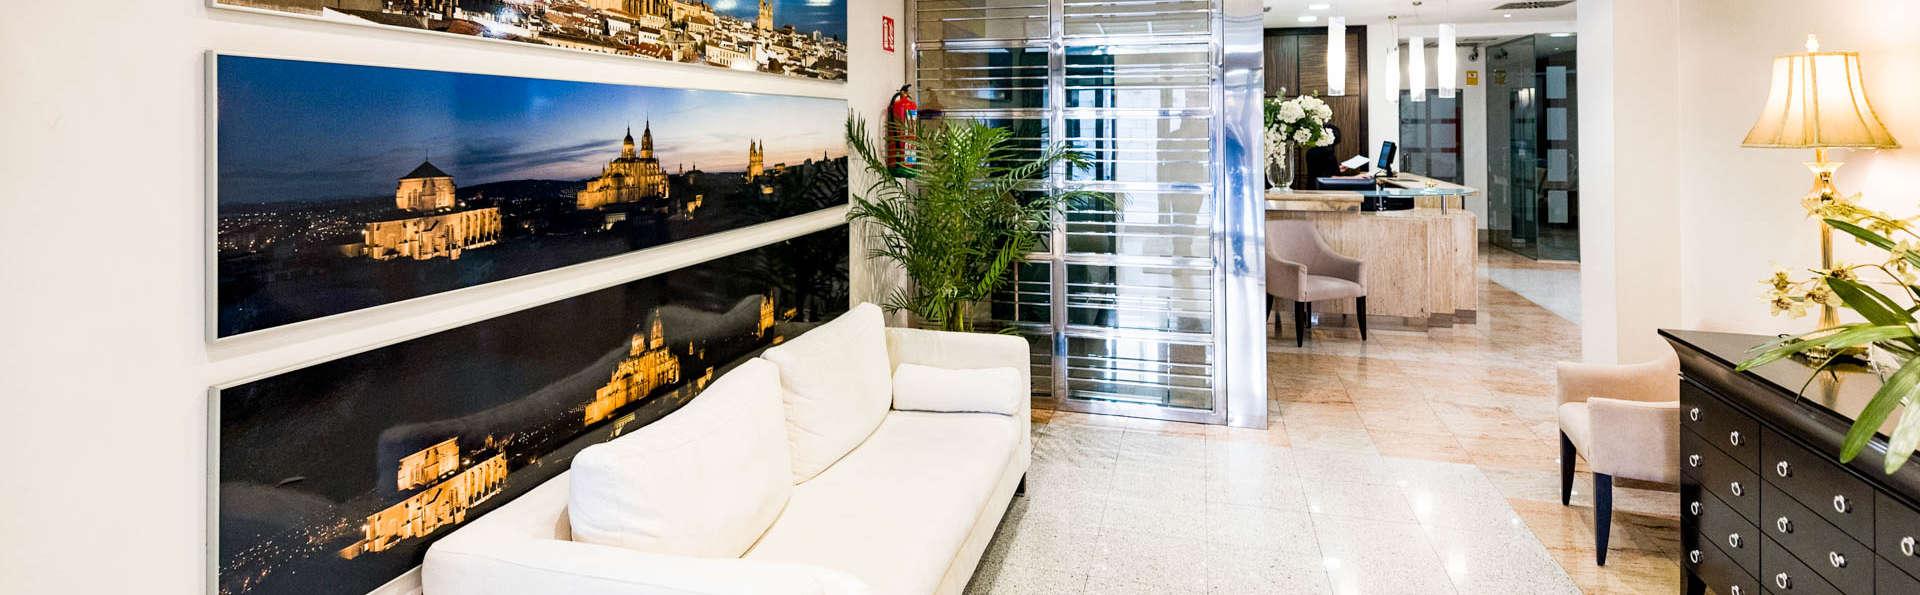 Soho Boutique Canalejas - EDIT_LOOBY3.jpg